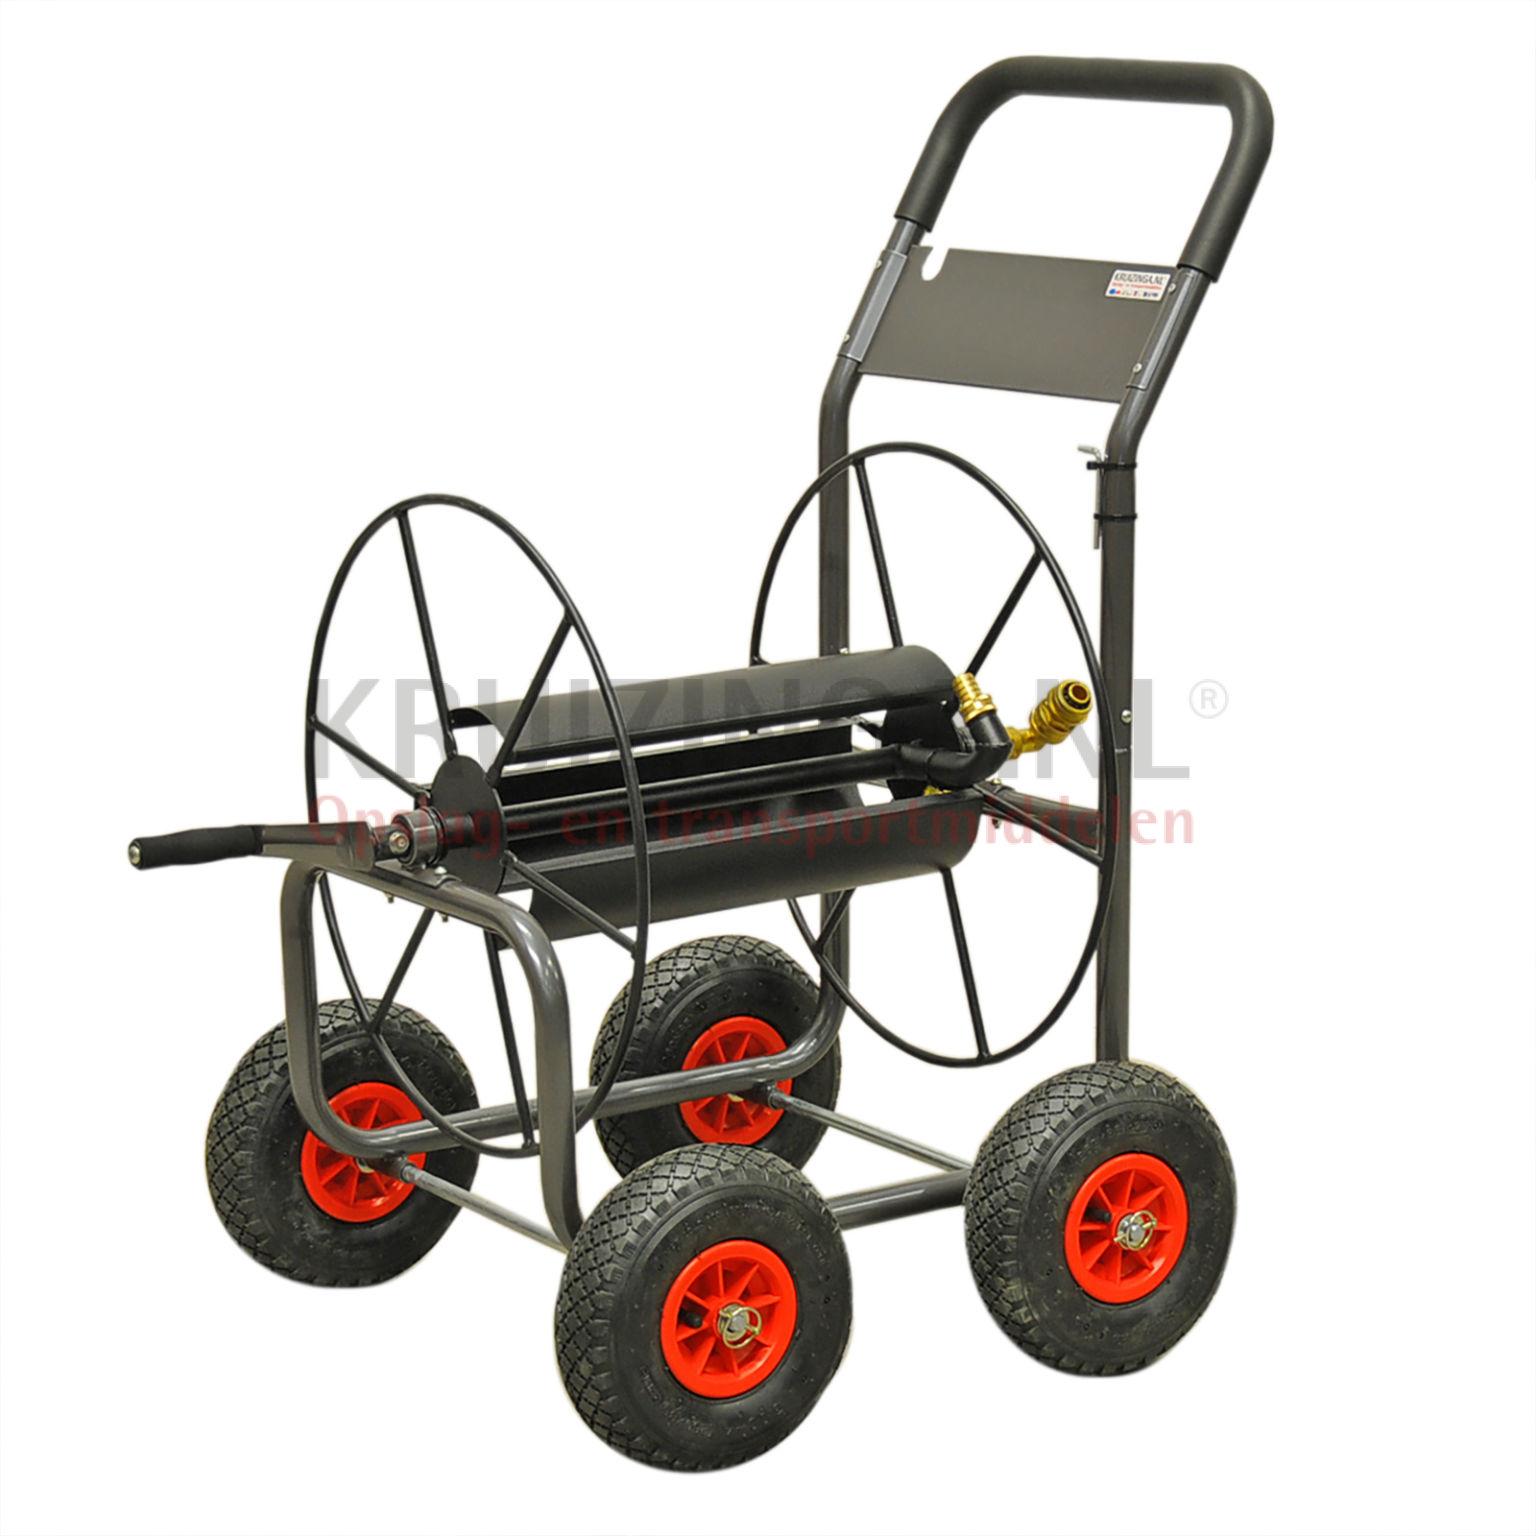 Chariots porte outils et pi ces chariot de manutention chariot enrouleur en roues 307 50 frais - Chariot porte roue tracteur ...